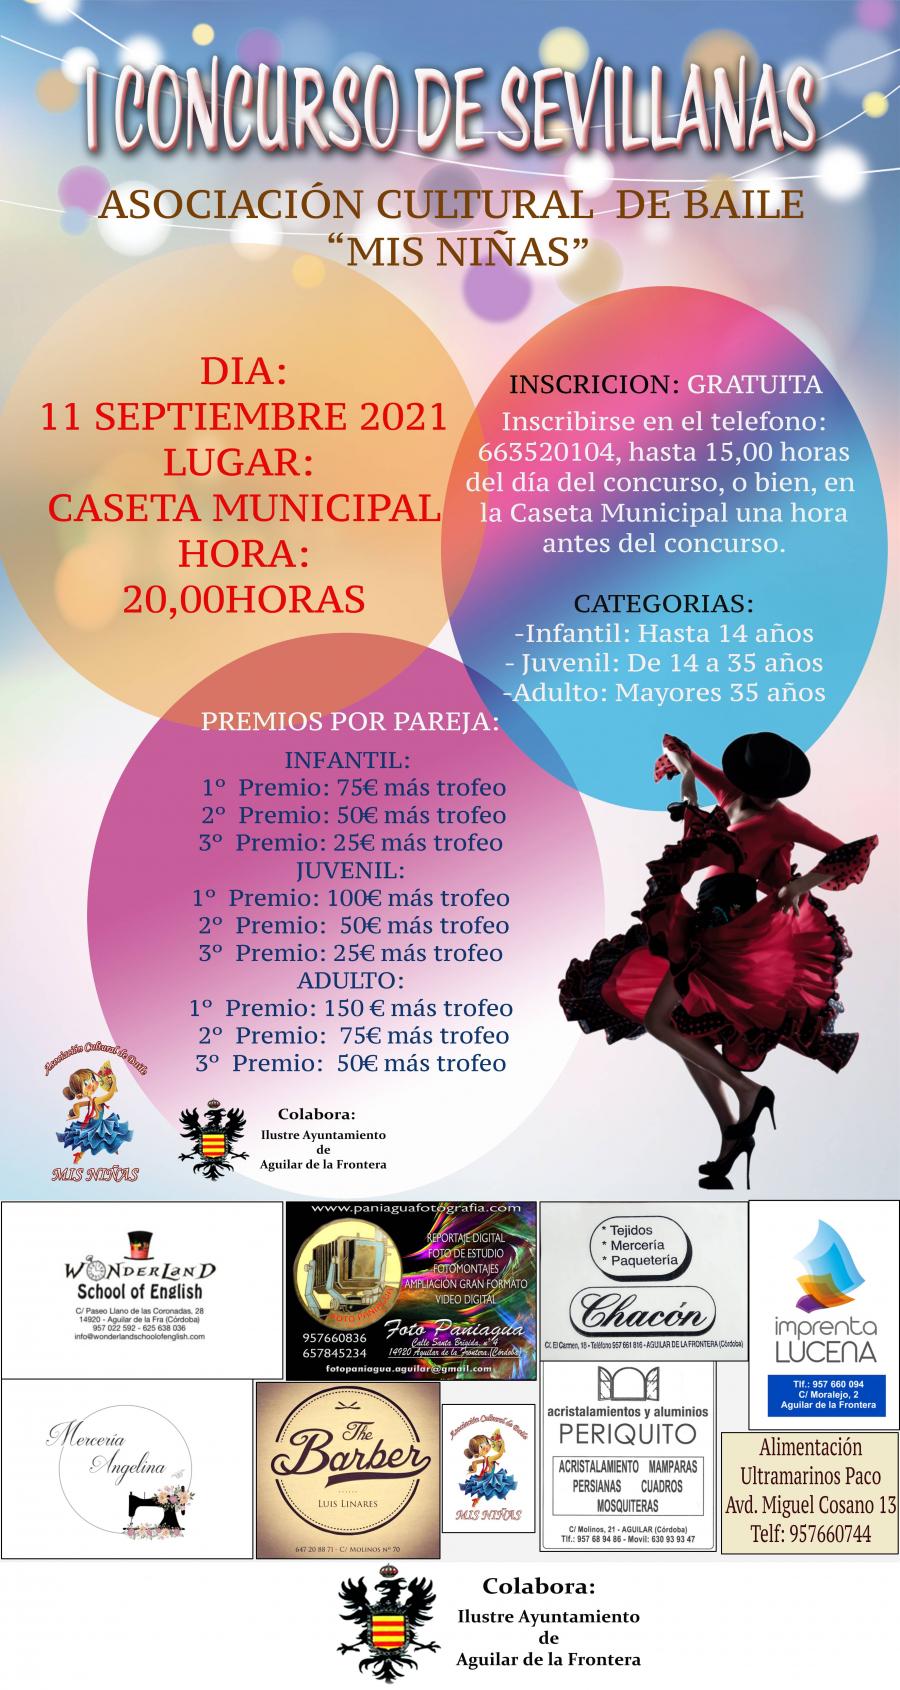 """La Asociación Cultural de Baile """"Mis Niñas"""" organiza su I Concurso de Sevillanas"""